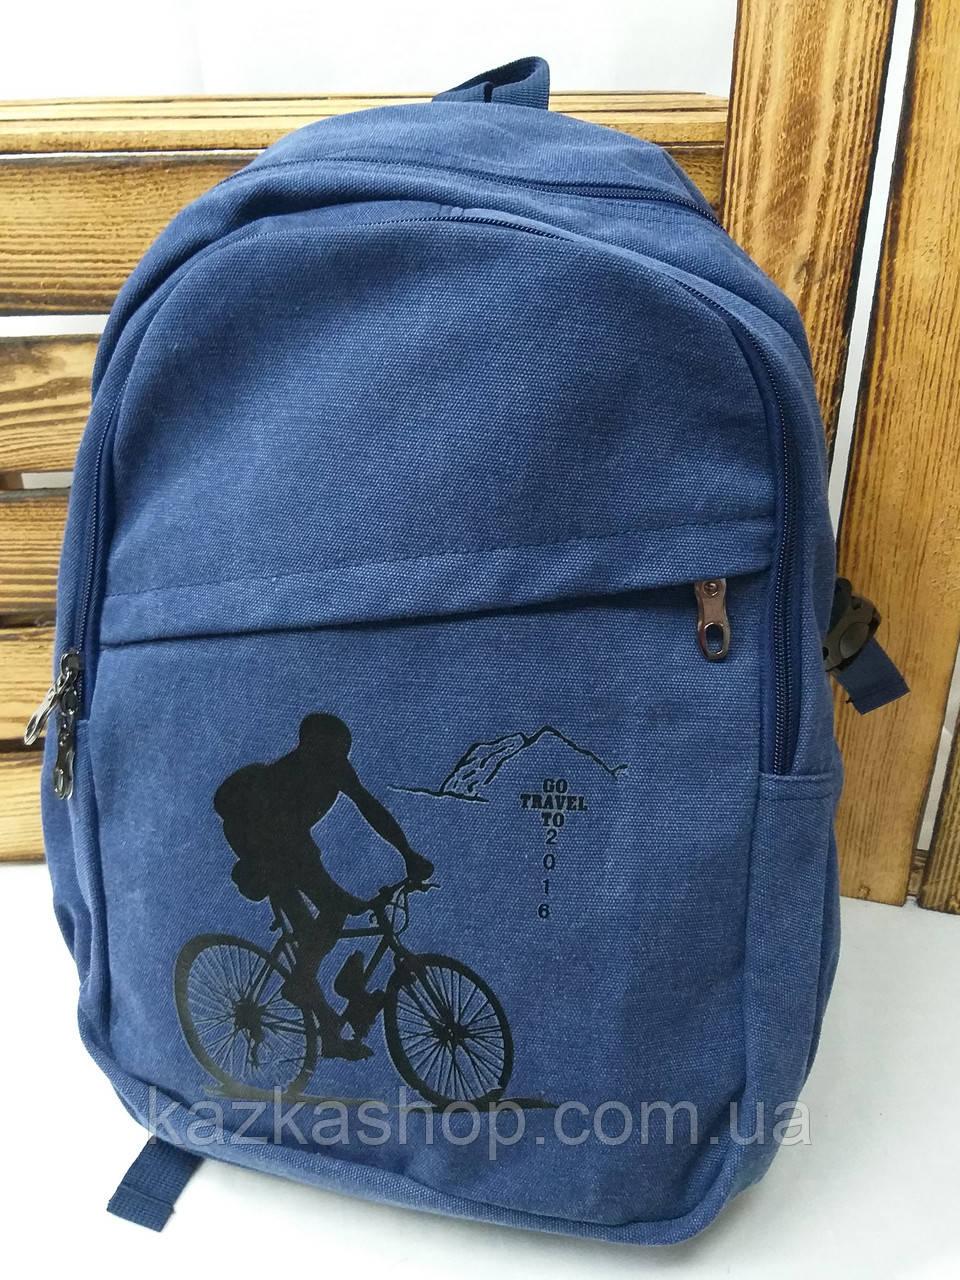 Спортивный прочный рюкзак из плотного непромокаемого материала брезента, на 3 отдела